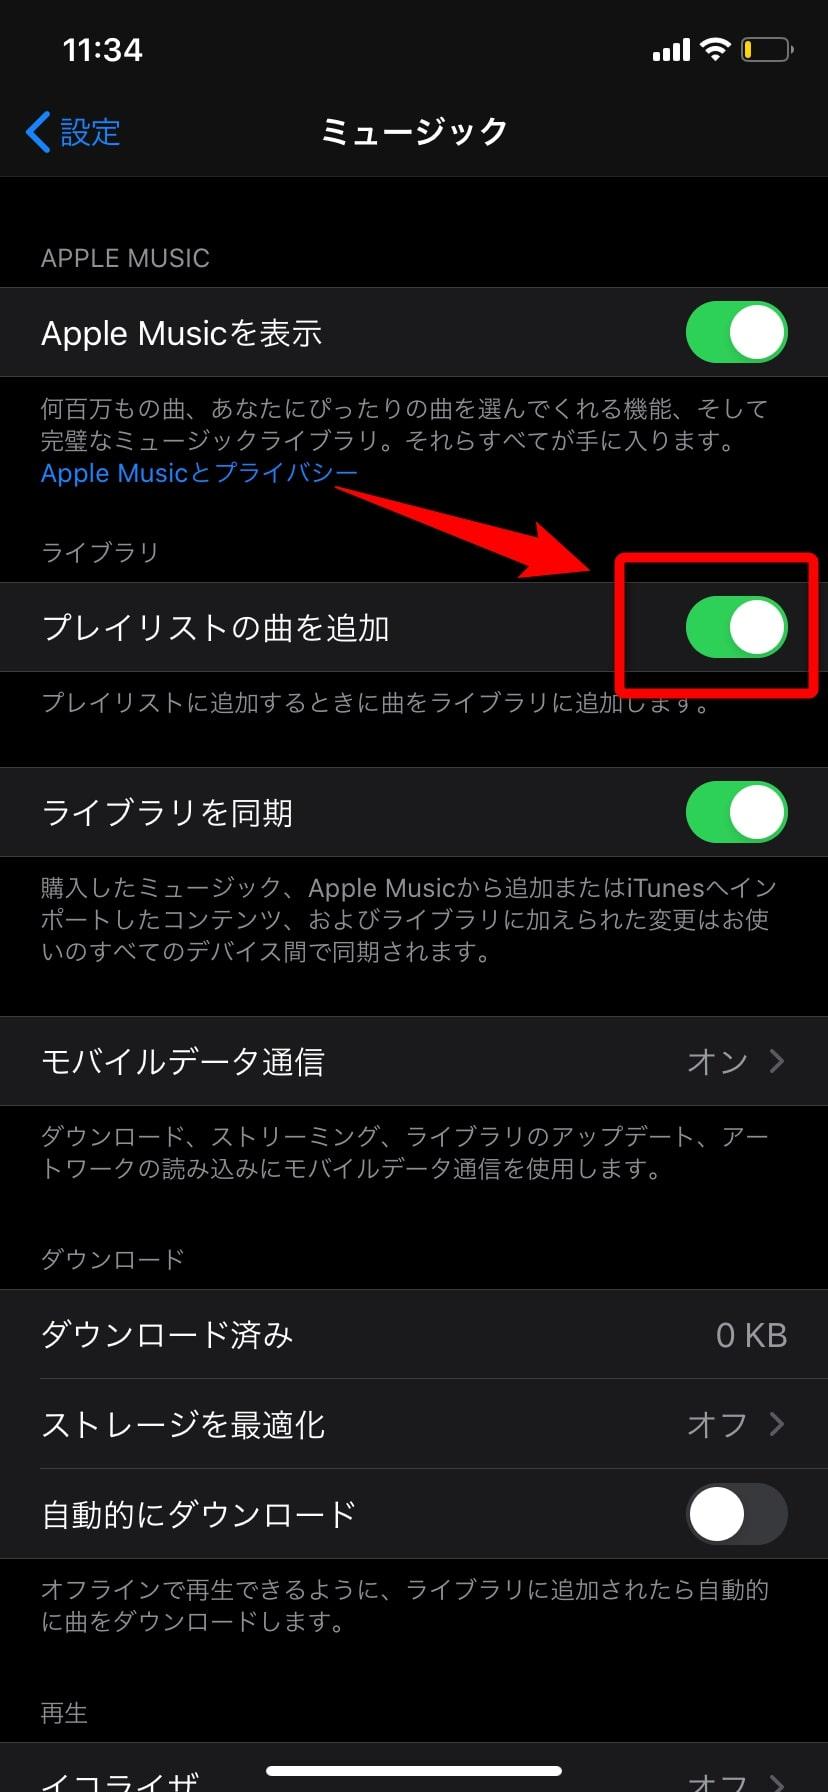 Apple Music プレイリストを作成・視聴・ダウンロードする使い方